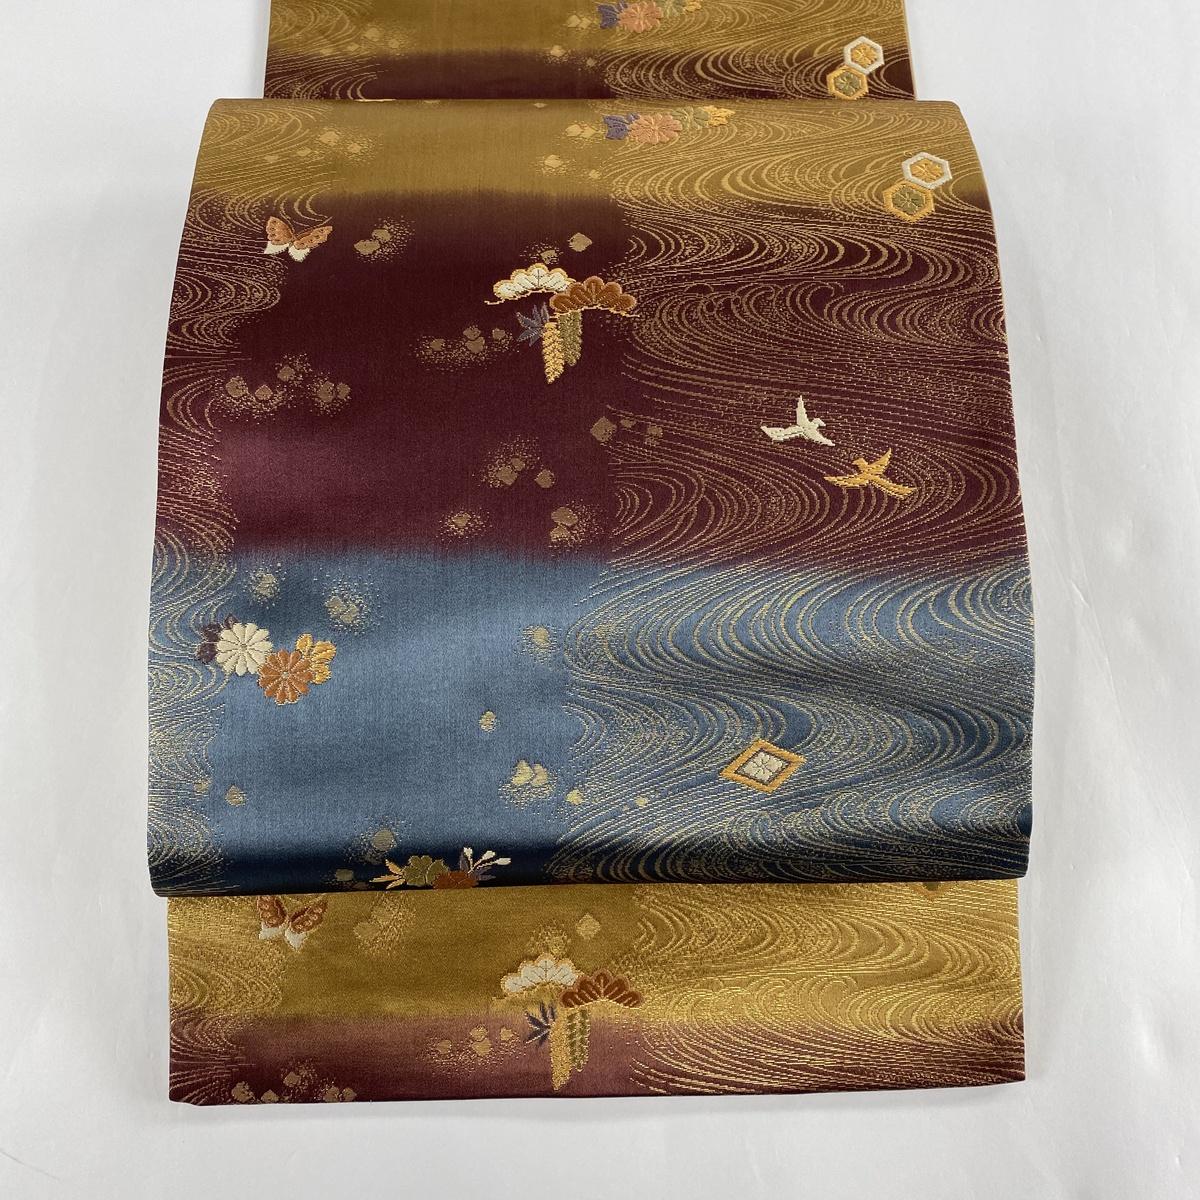 袋帯 美品 秀品 波 段縞 金糸 箔 赤紫 六通 正絹 【中古】